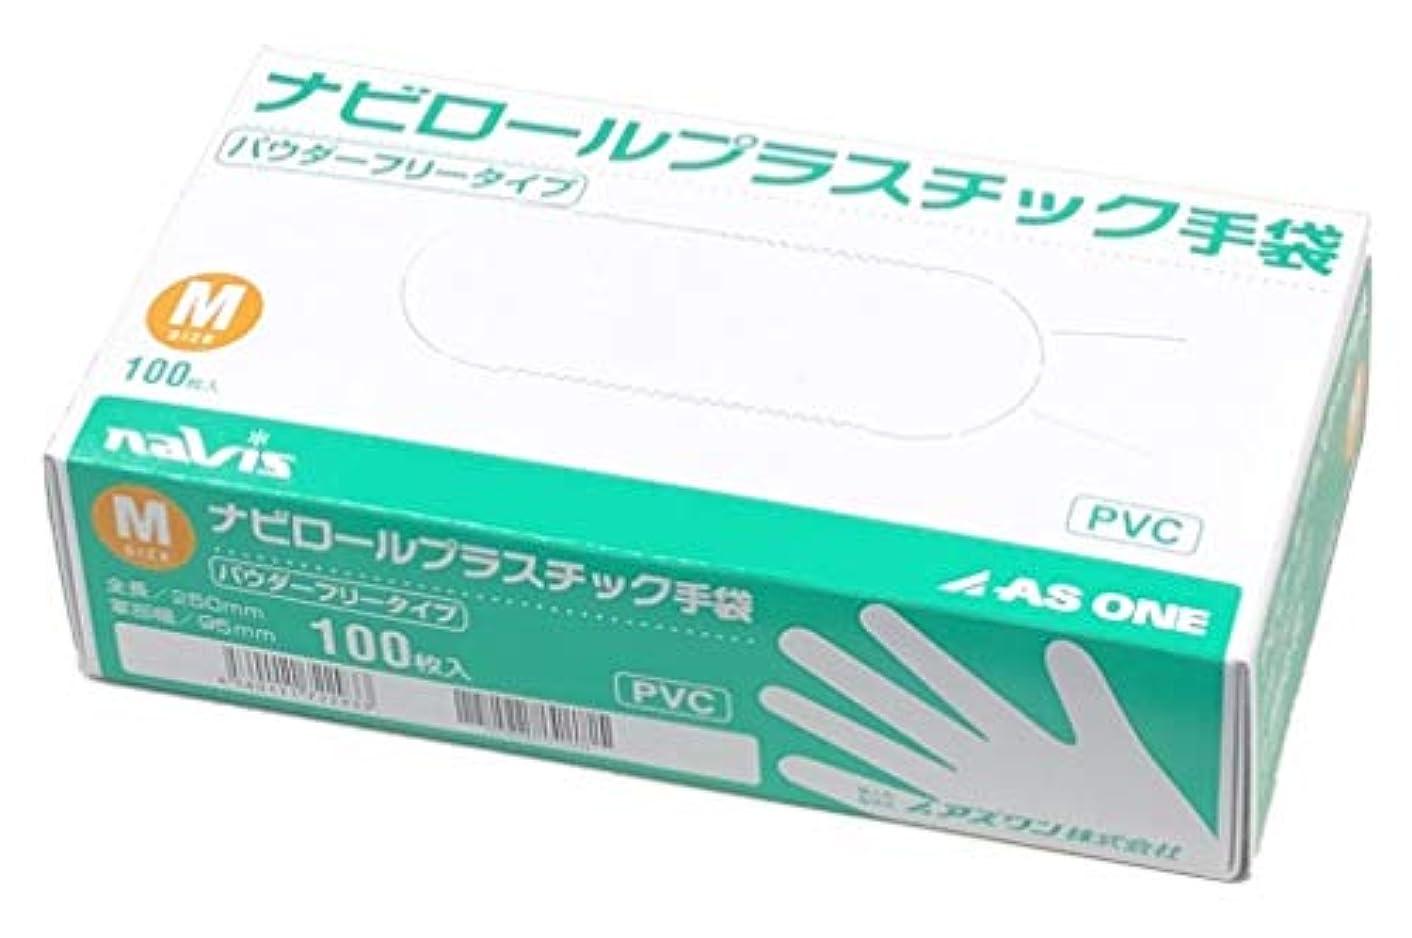 うまくいけばうつペアアズワン ナビロールプラスチック手袋(パウダーフリー) M 100枚入